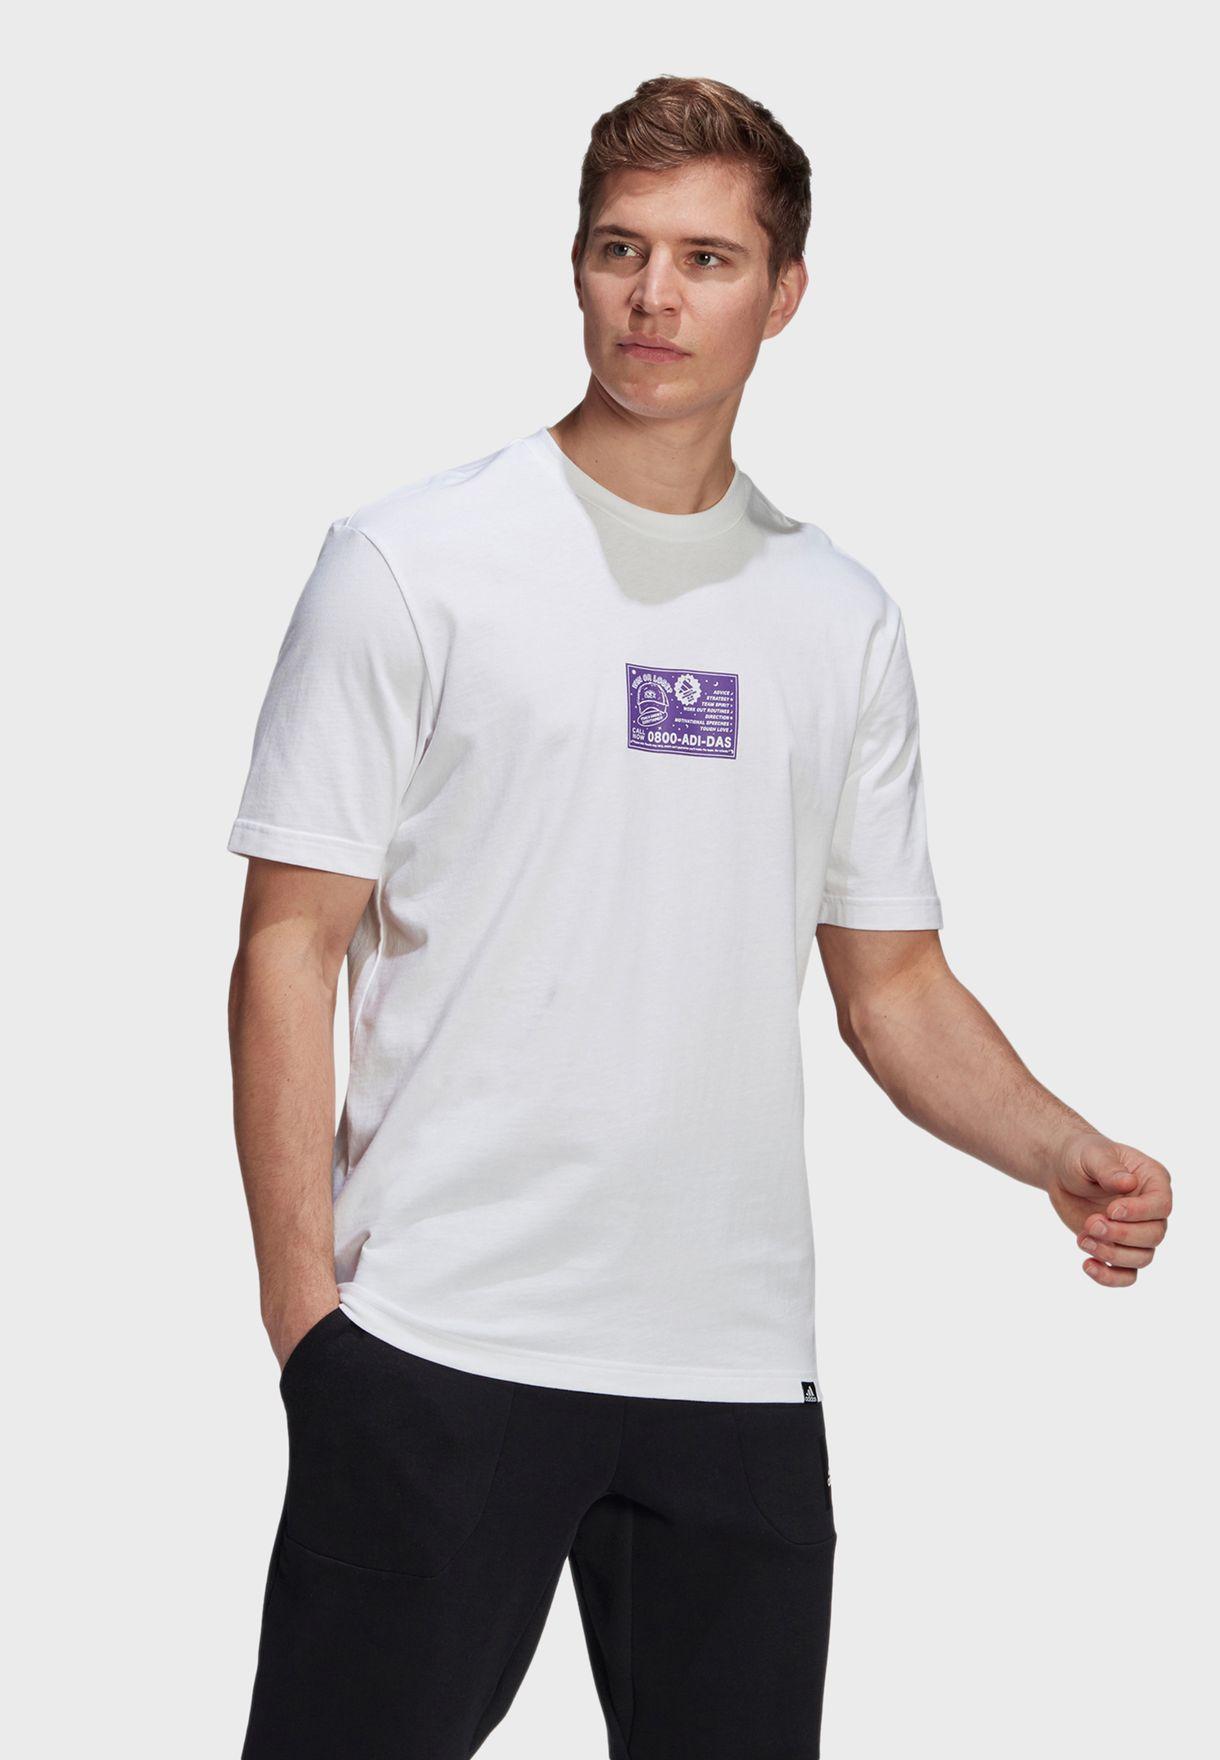 Psychic Coach T-Shirt